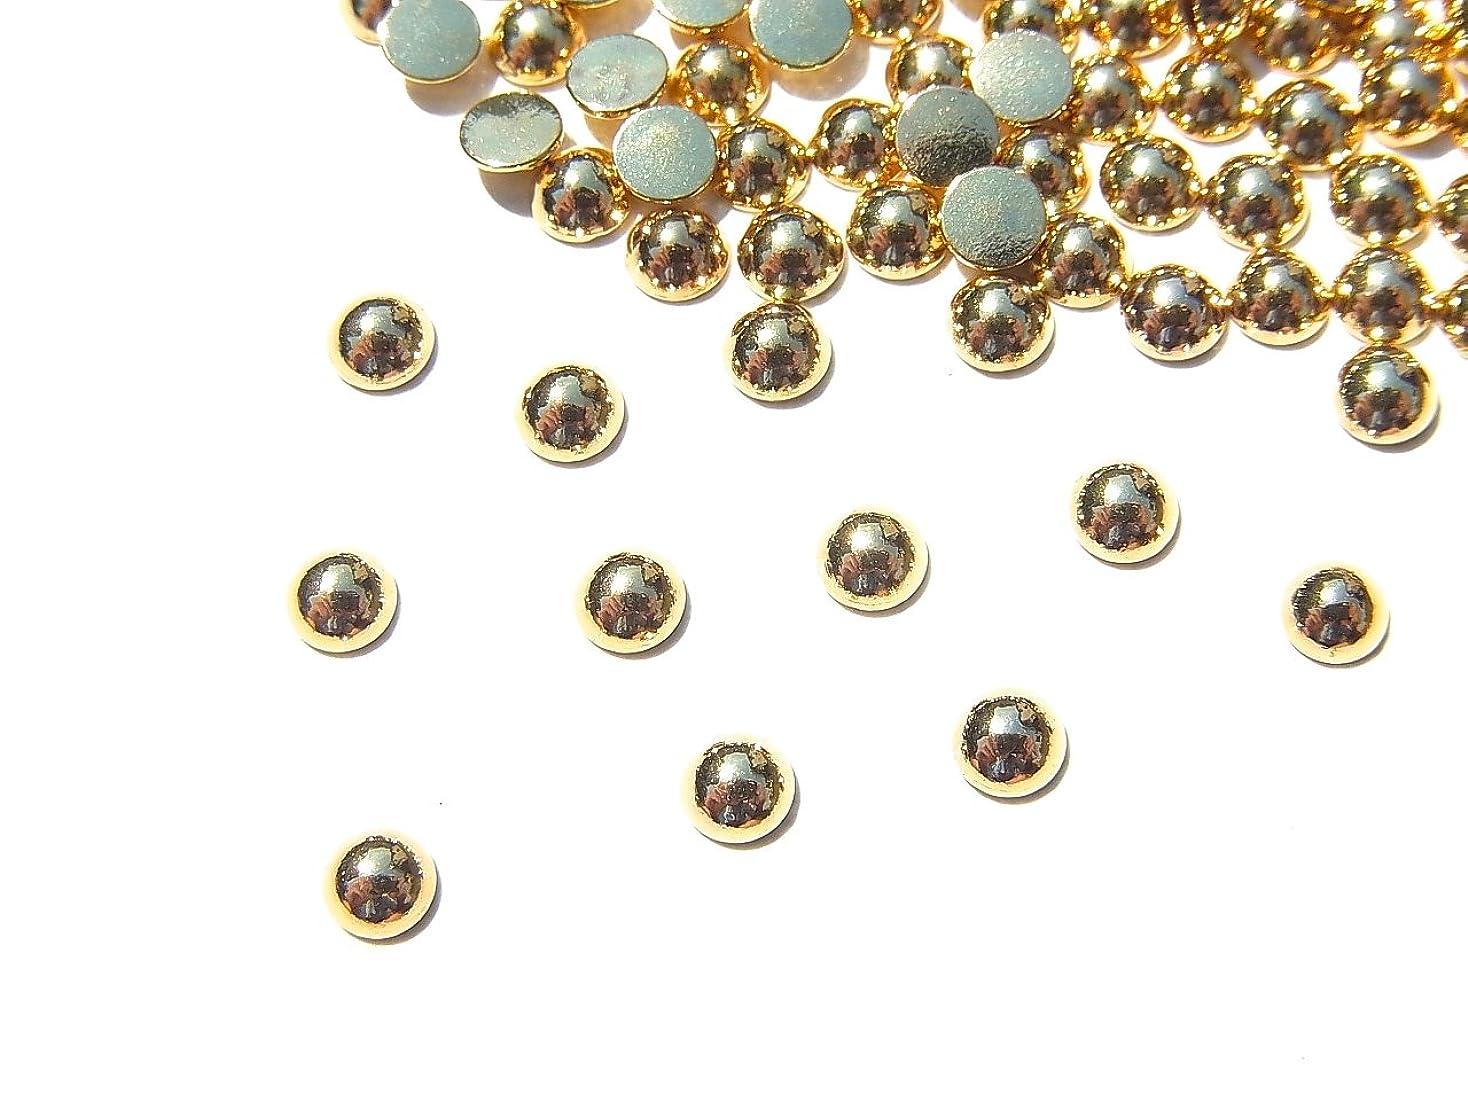 絶対に眠る動【jewel】ゴールド メタルパーツ ラウンド (丸) Lサイズ10個入り 3mm 手芸 材料 レジン ネイルアート パーツ 素材